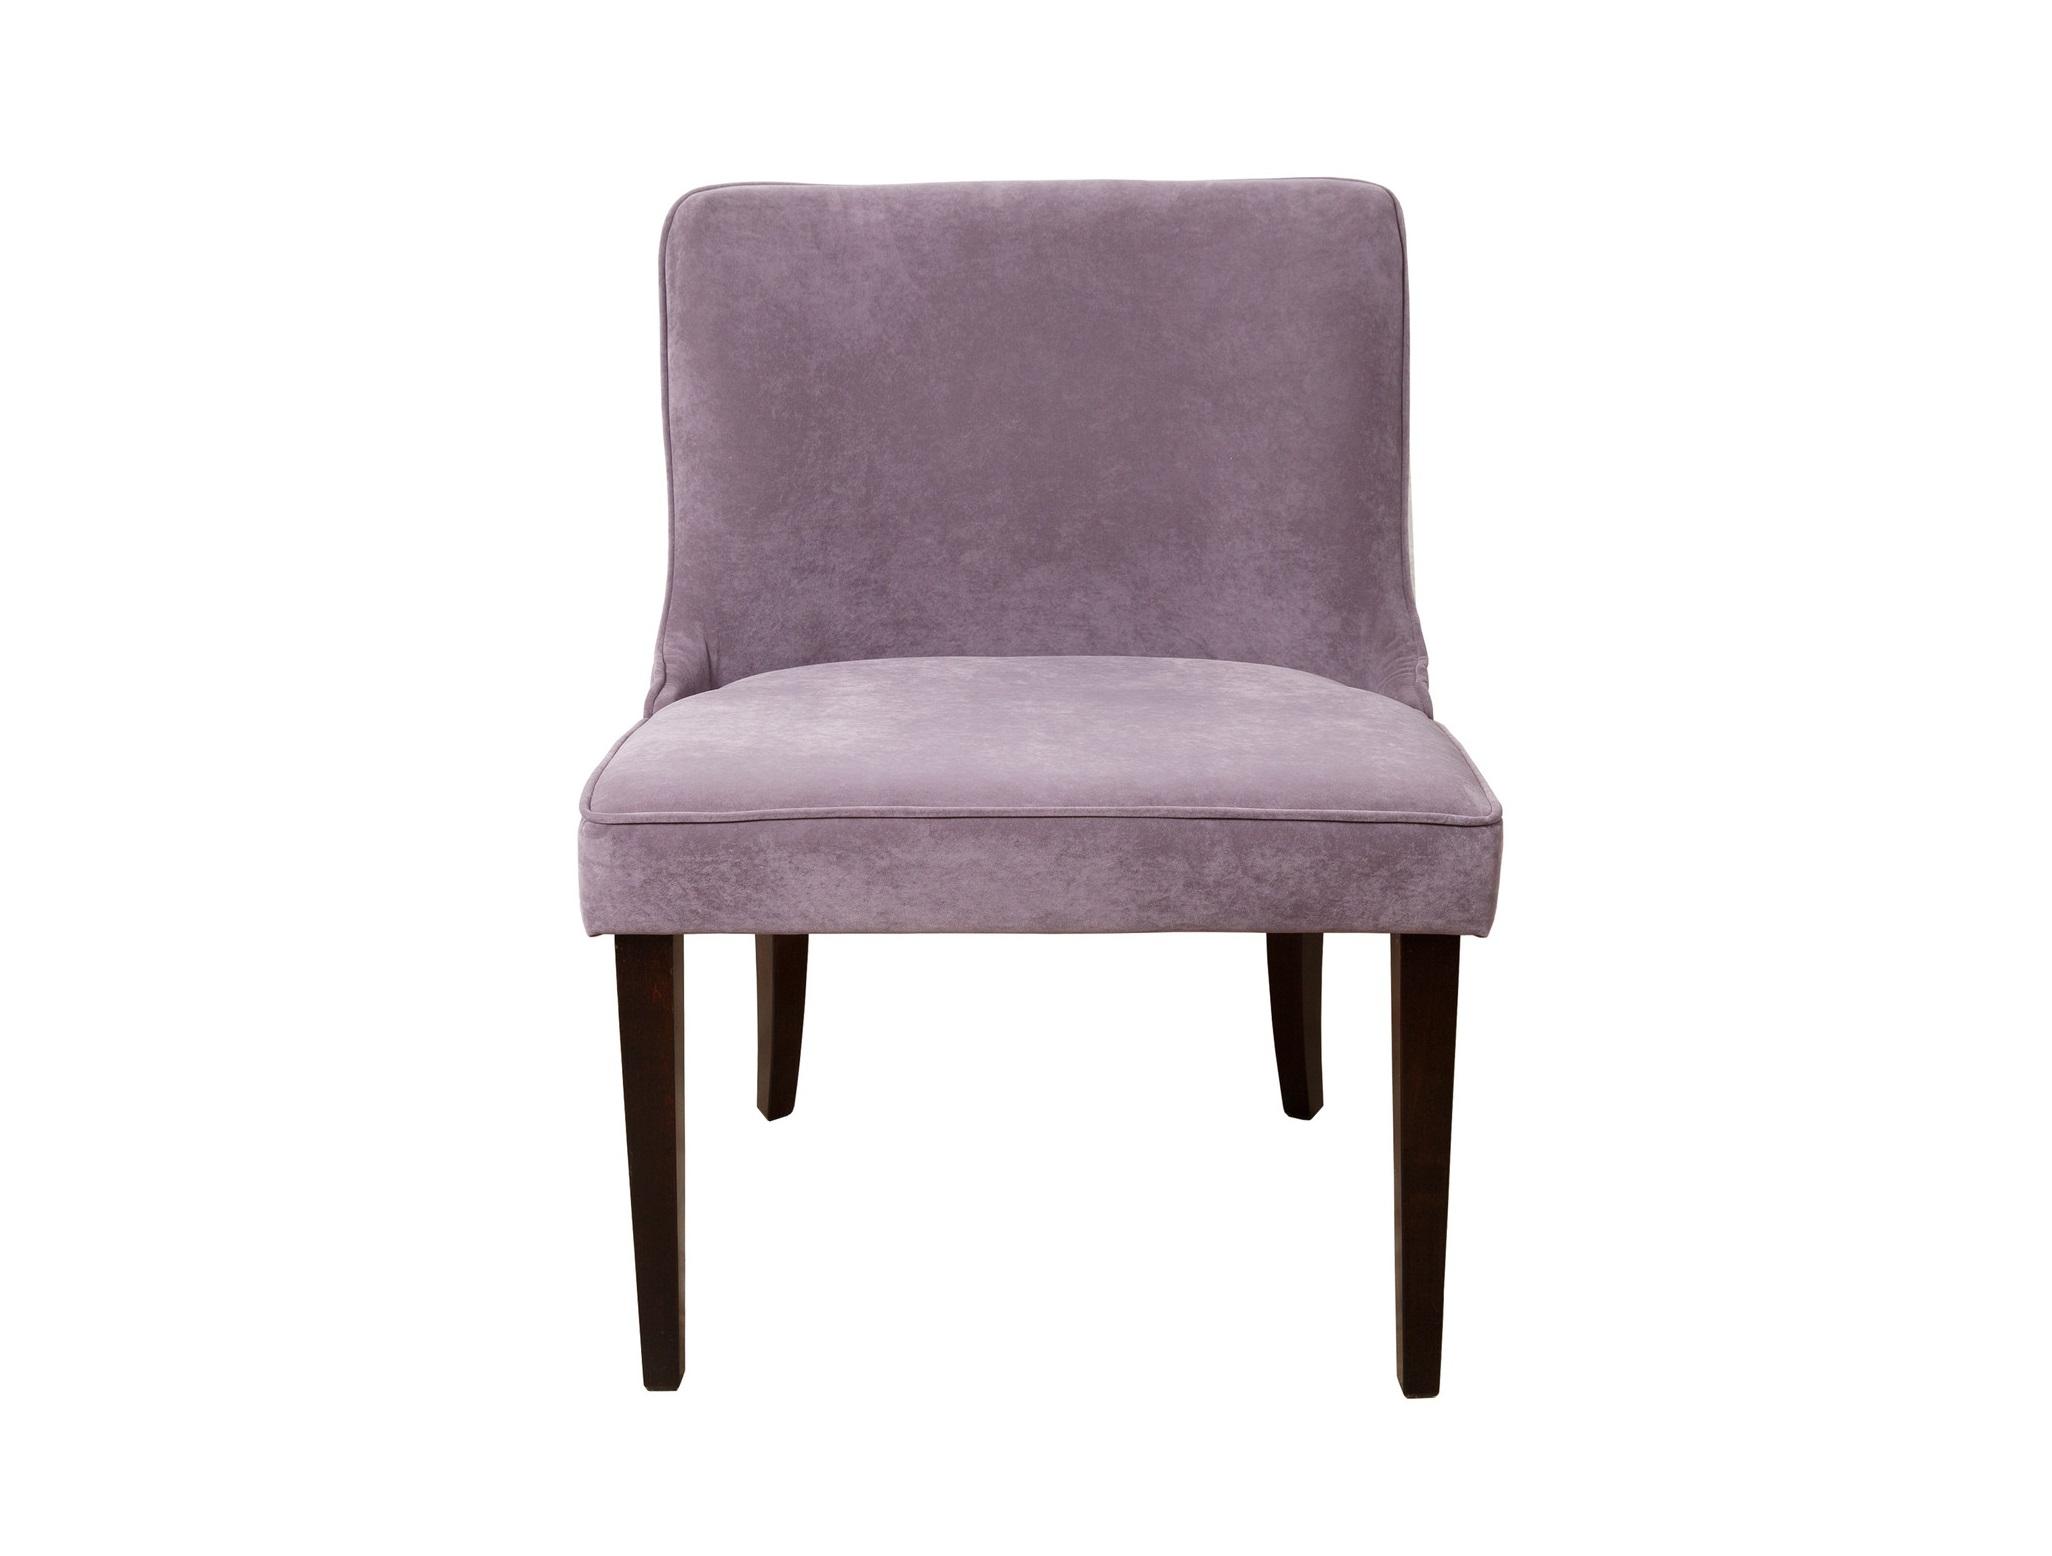 Кресло SantorineИнтерьерные кресла<br>Каркасное  кресло оригинального дизайна станет не только выделяющимся, но и комфортным акцентом в вашем интерьере. Кресло станет незаменимым предметом декора или функциональной мебелью . А эксклюзивные ткани добавят изюминку в ваше пространство.<br><br>Material: Текстиль<br>Ширина см: 66.0<br>Высота см: 90.0<br>Глубина см: 50.0